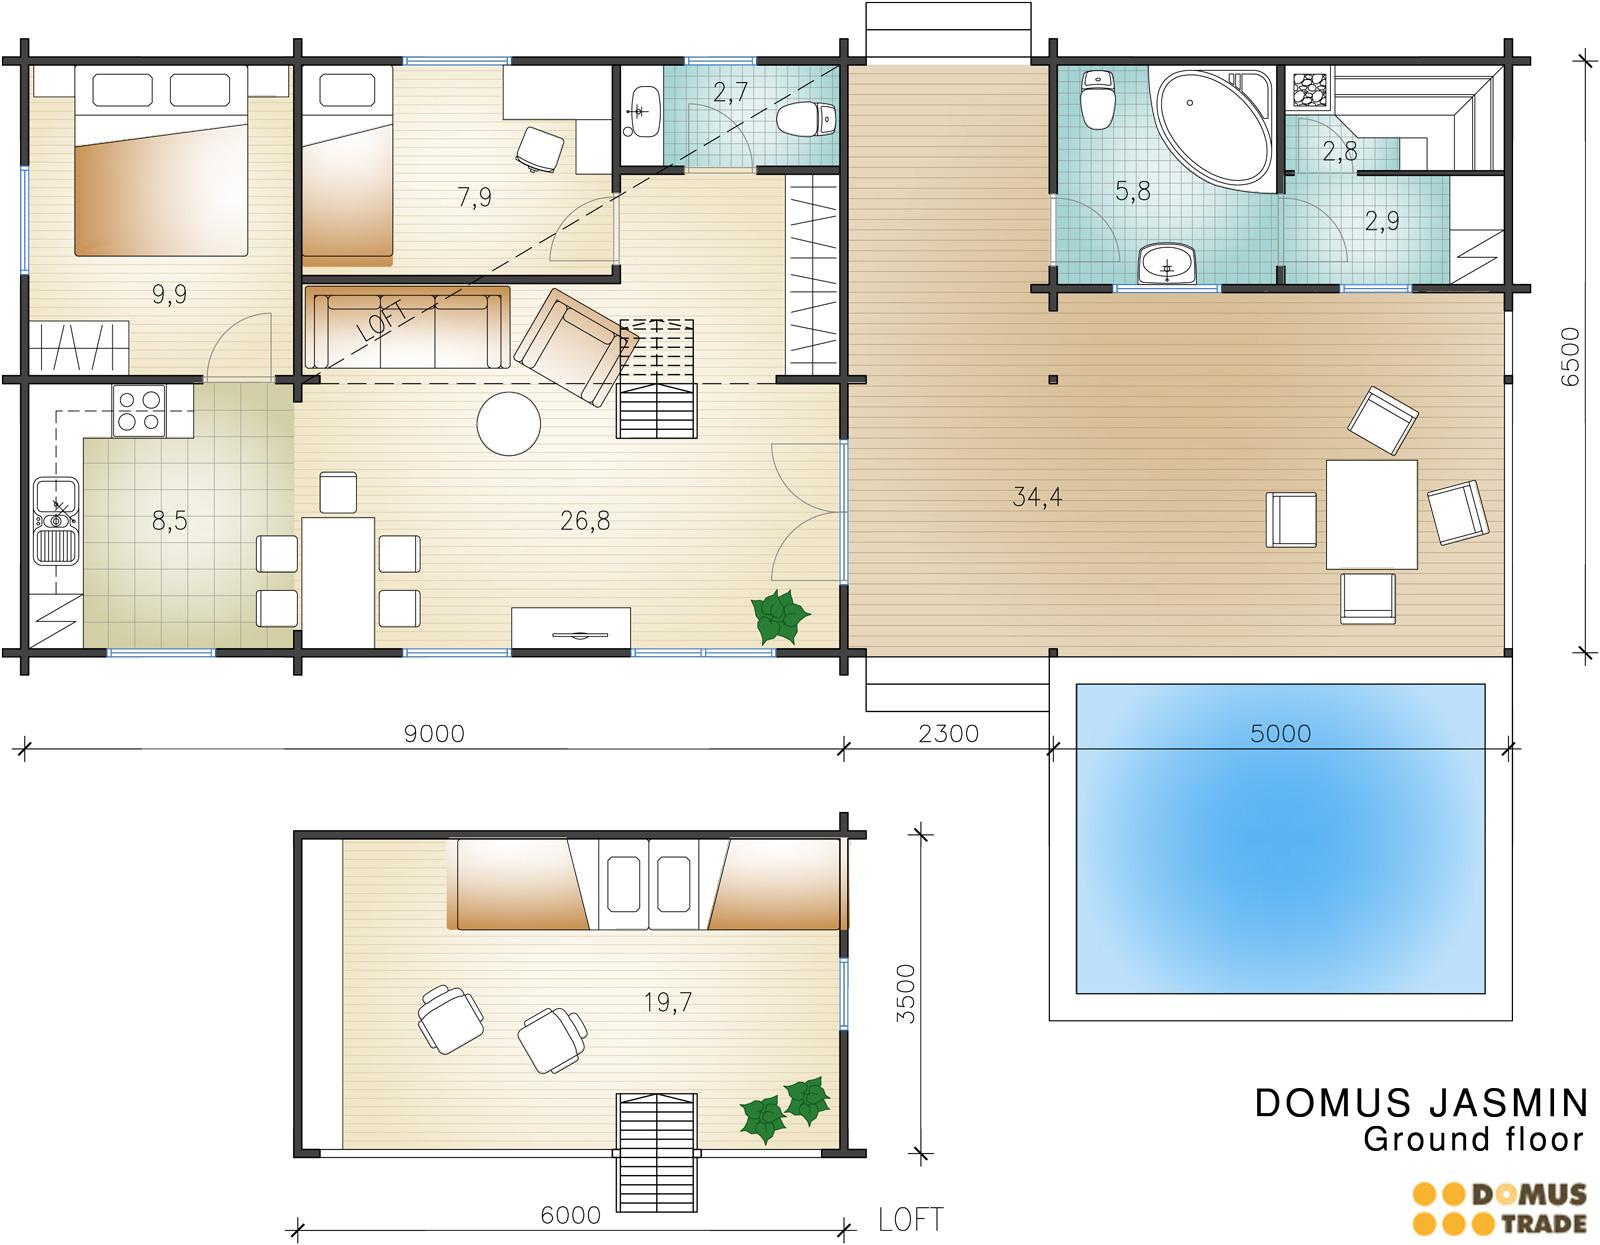 Planimetria Casa Con Misure case in legno modelli – case prefabbricate in legno